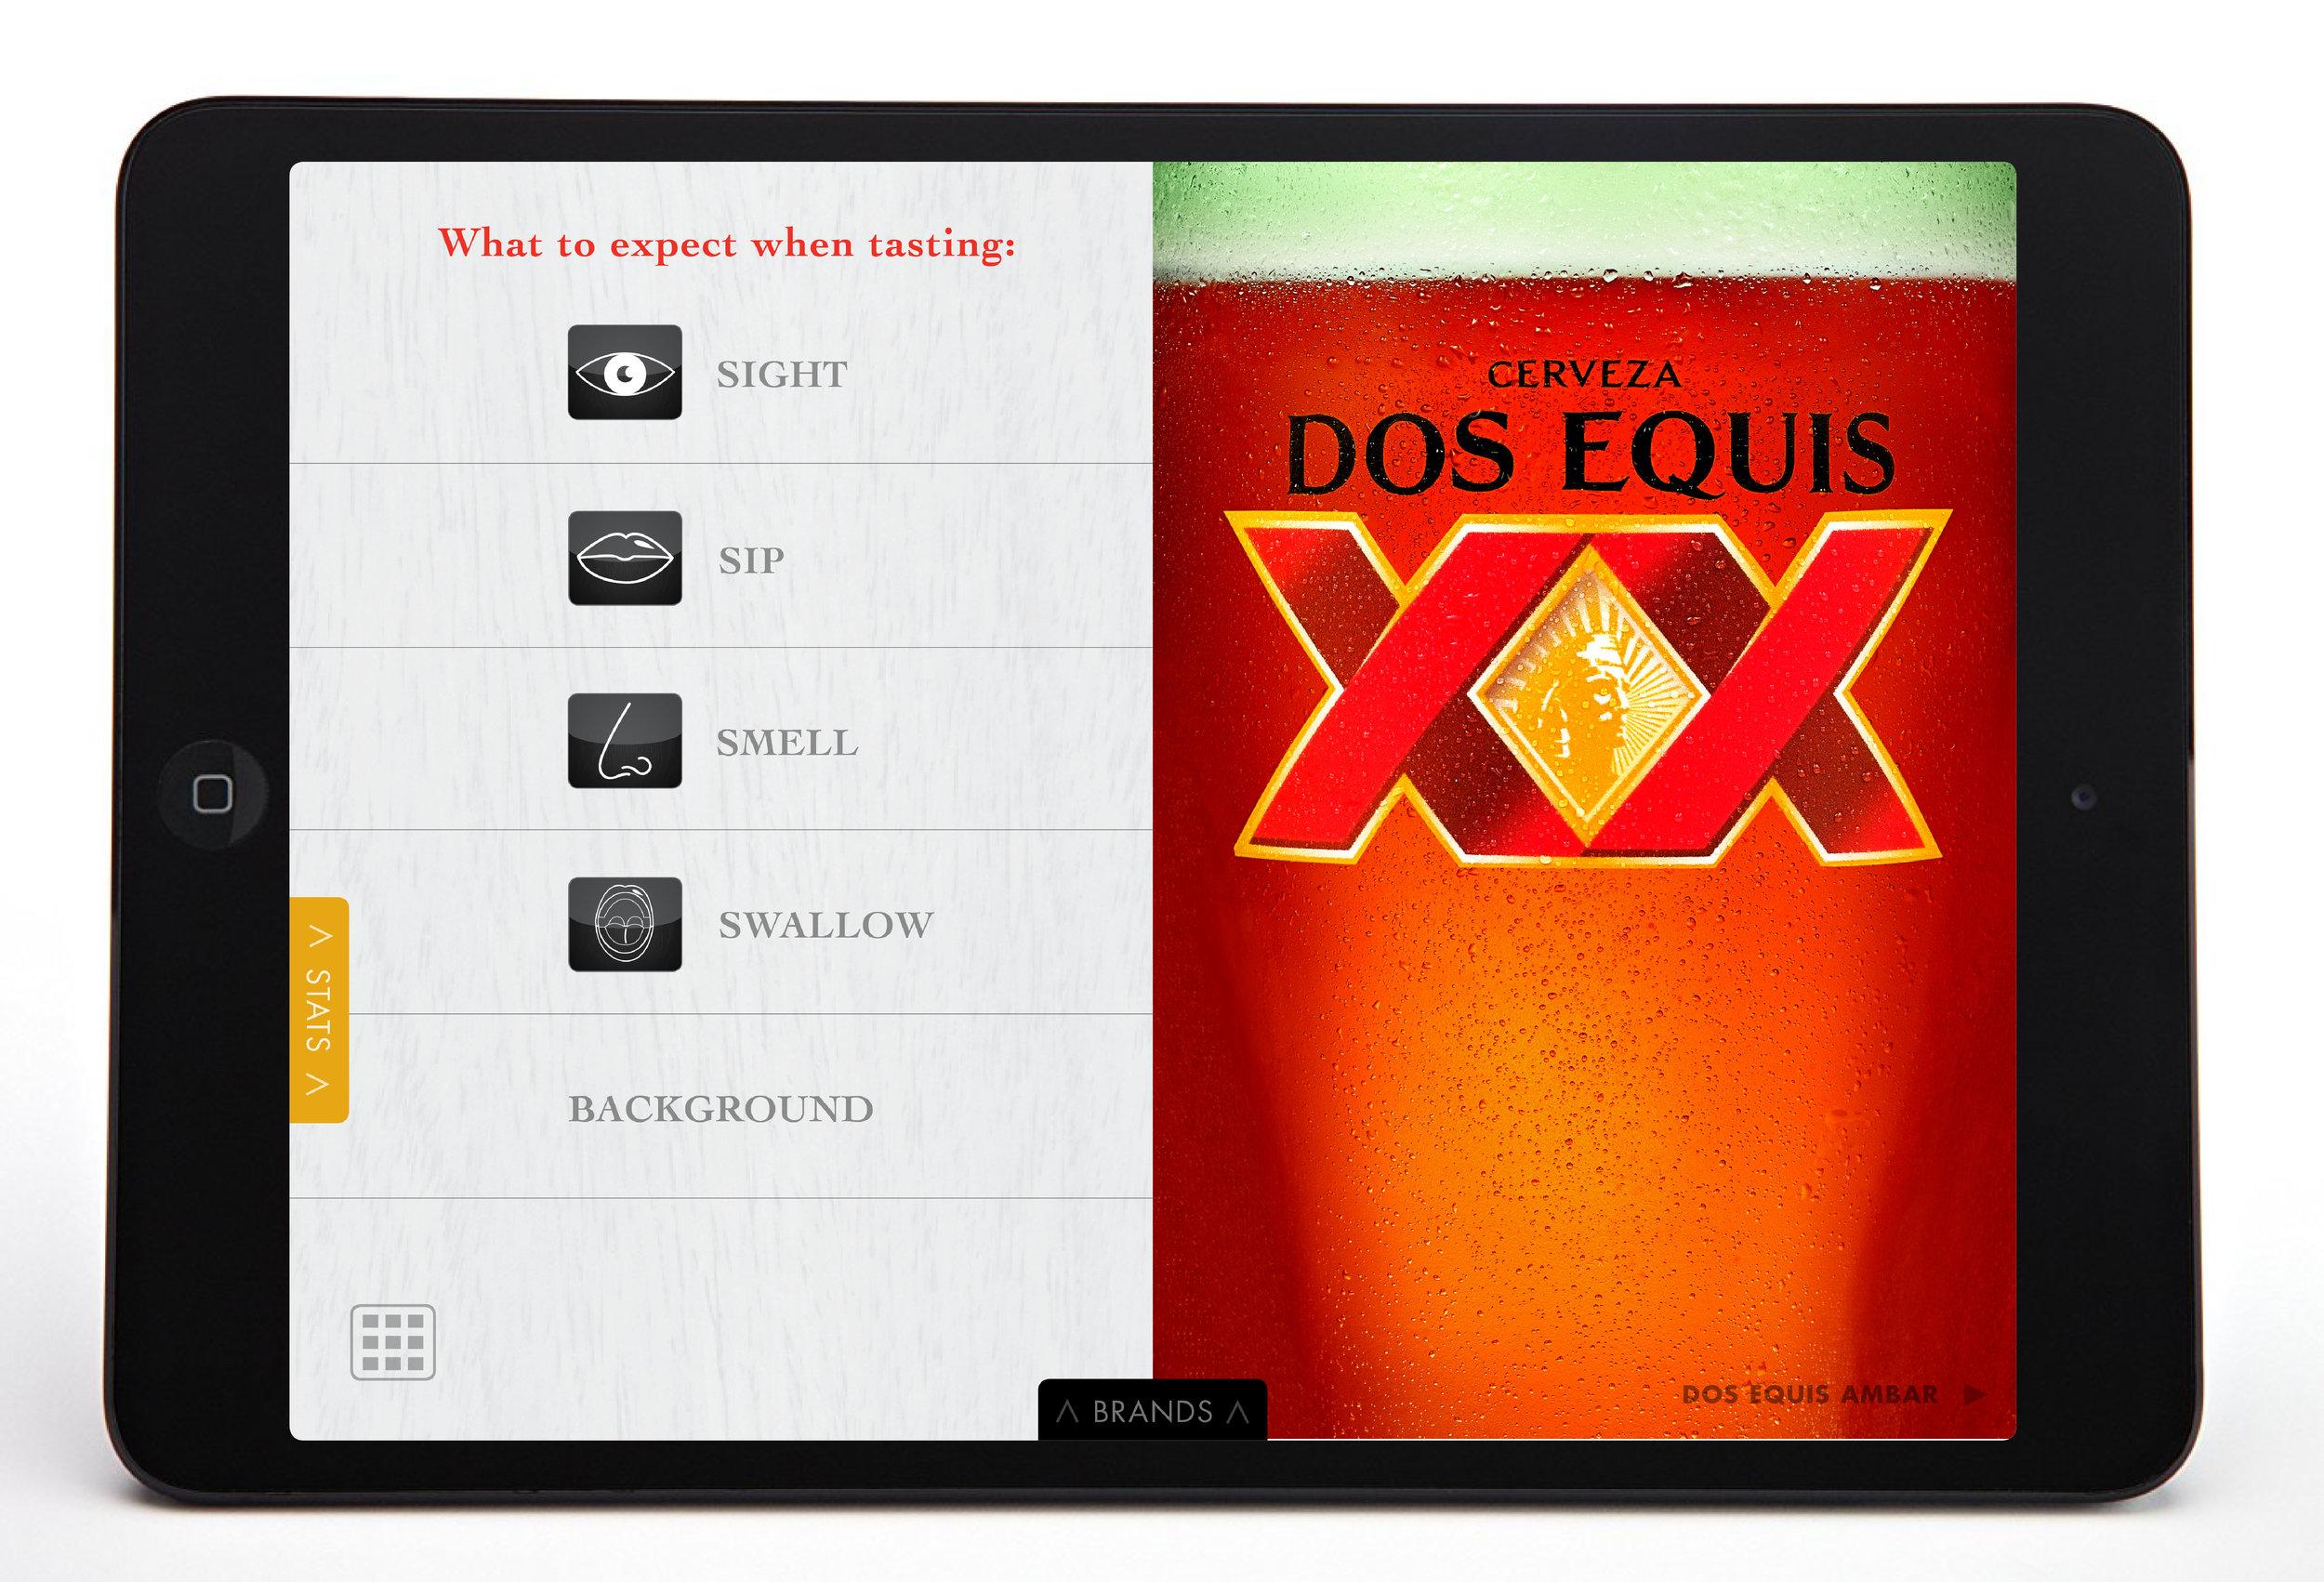 Heineken-food&beer pairing-interactive book27.jpg